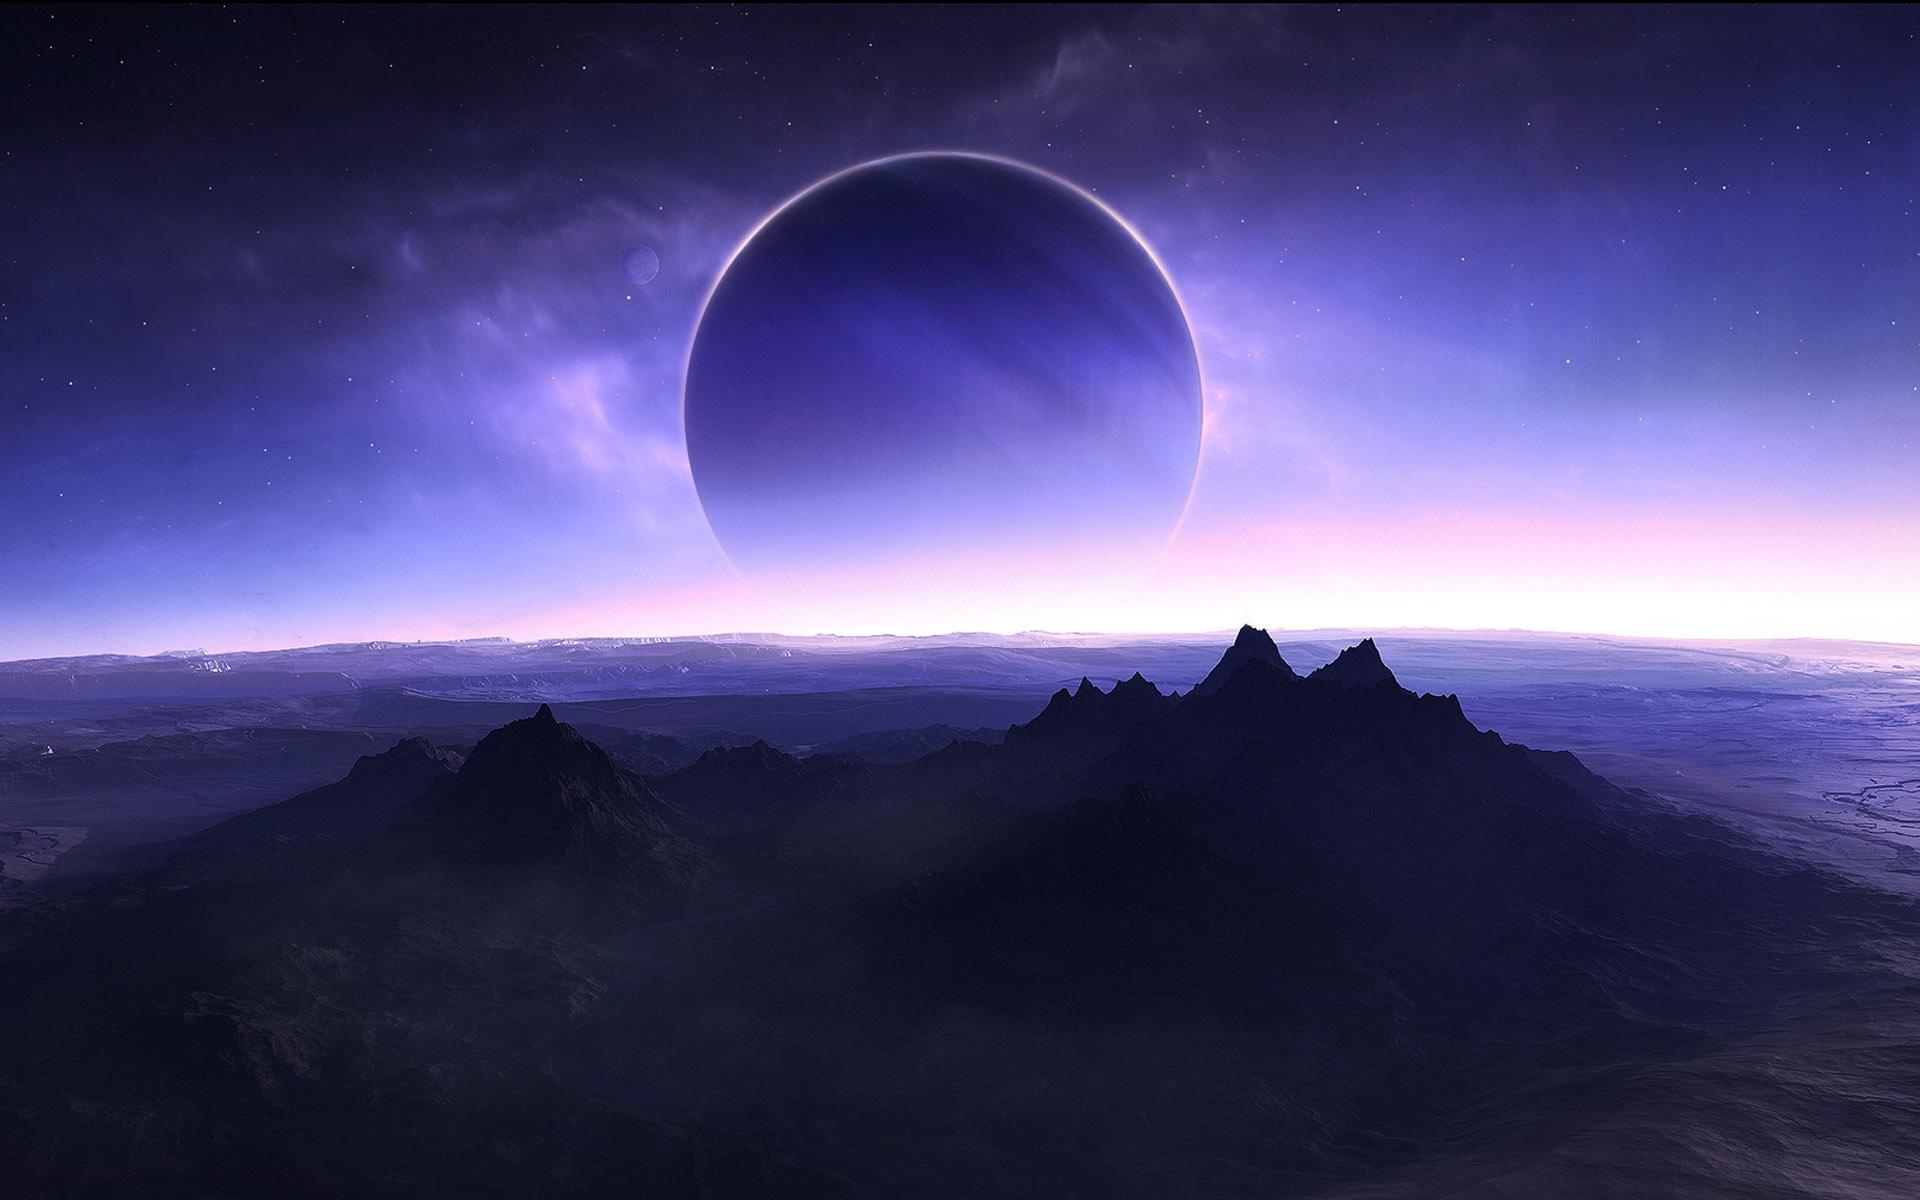 Обои для рабочего стола фото поверхность планеты, спутник, звезды.